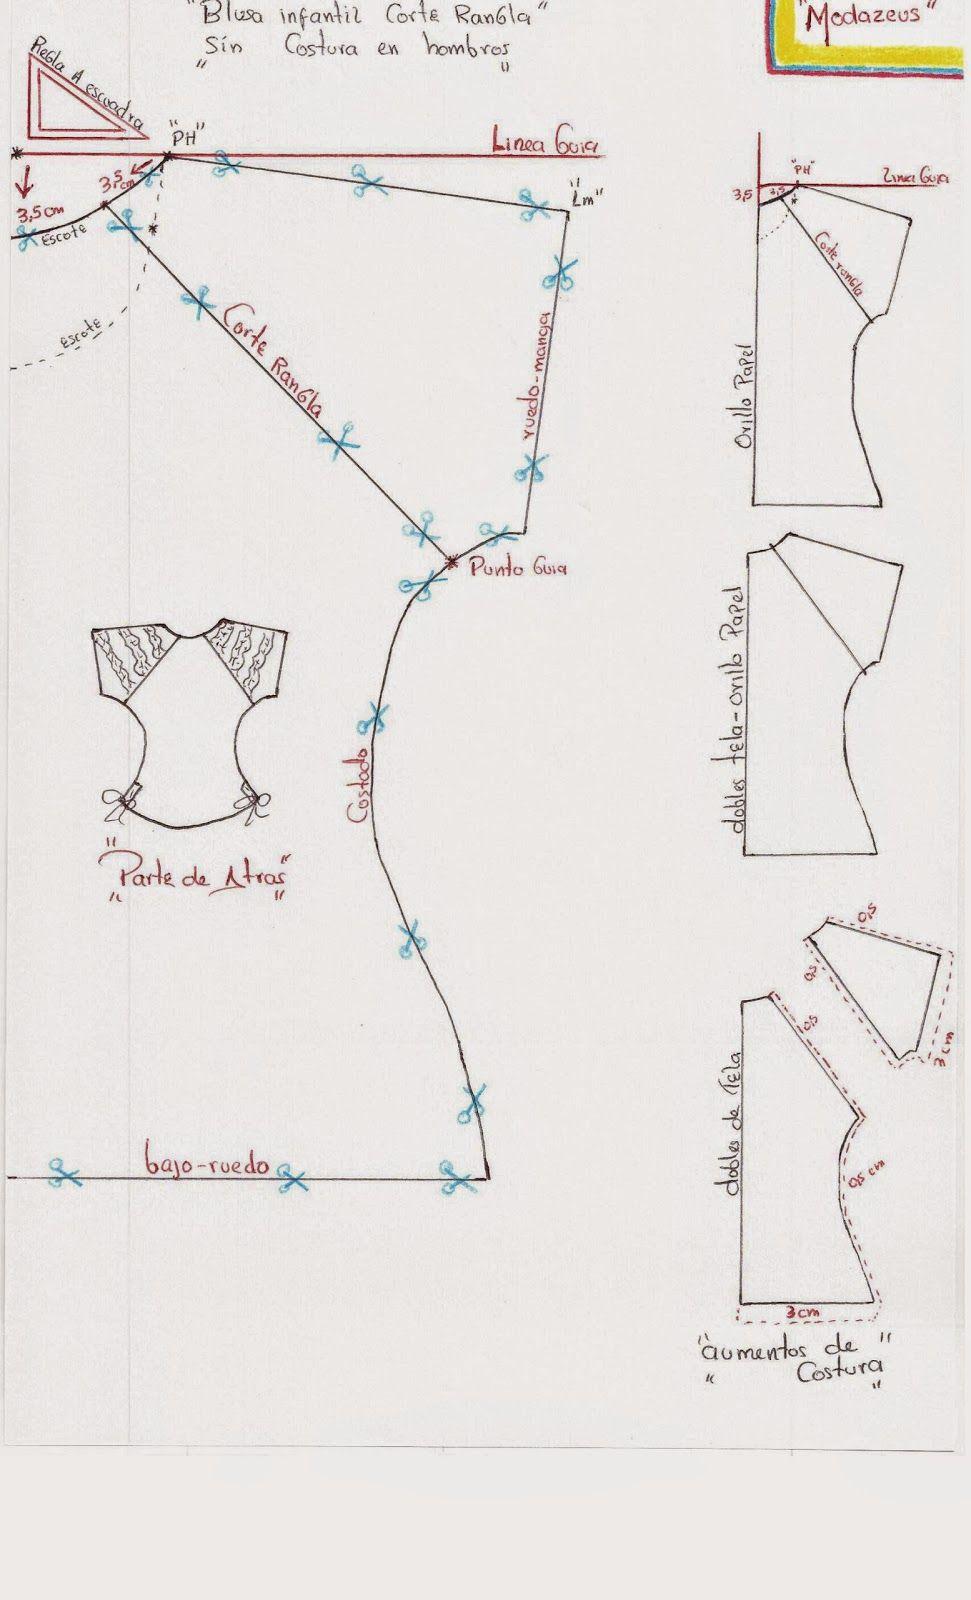 blusa infantil con manga ranglan y tiras fruncidas | Patrones ...